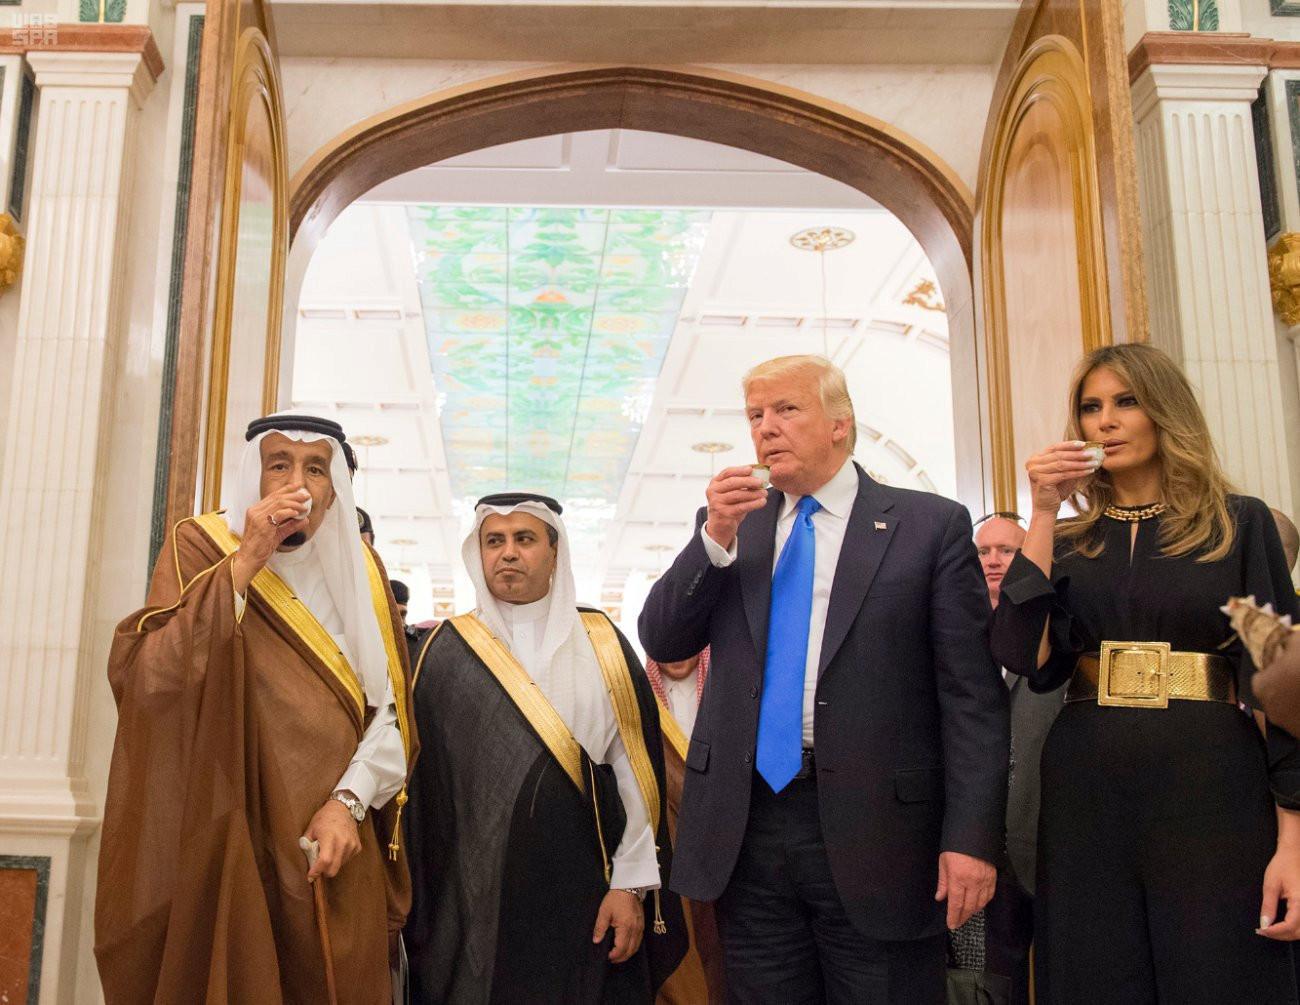 <p><span>Король Саудовской Аравии Салман ибн Абдул-Азиз Аль Сауд, президент США Дональд Трамп с супругой Меланьей. Фото: &copy;REUTERS</span></p>